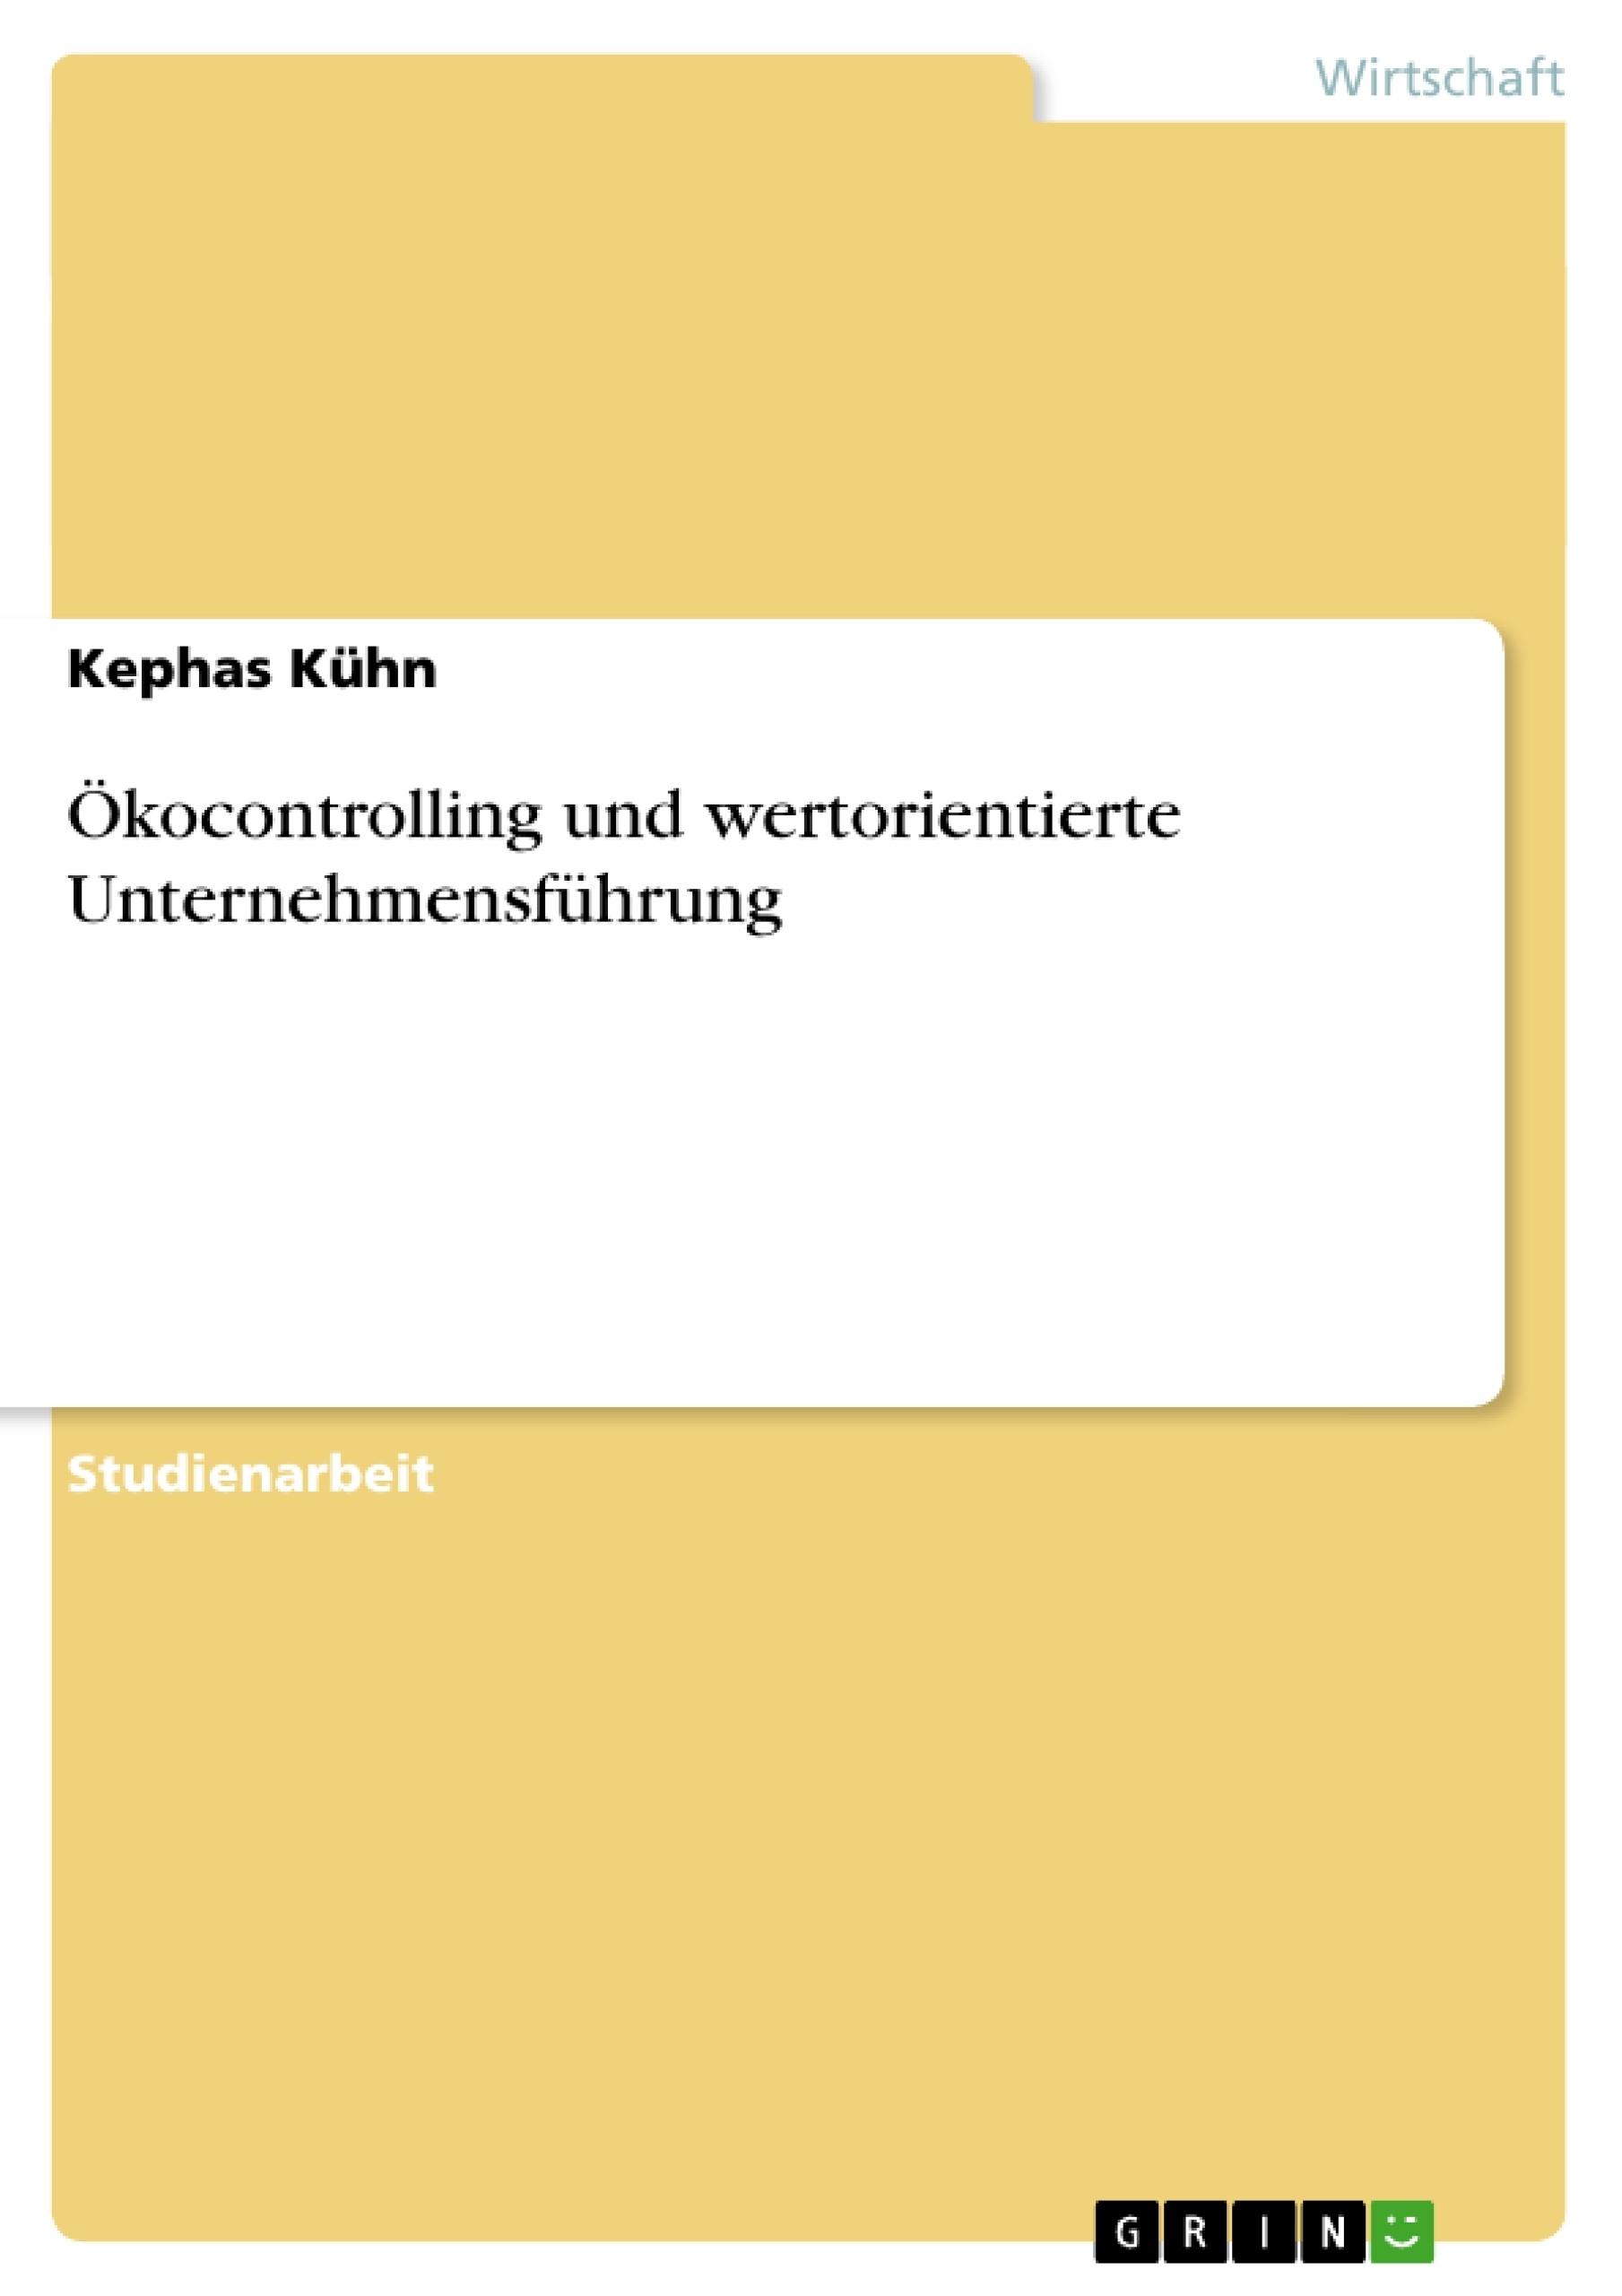 Titel: Ökocontrolling und wertorientierte Unternehmensführung